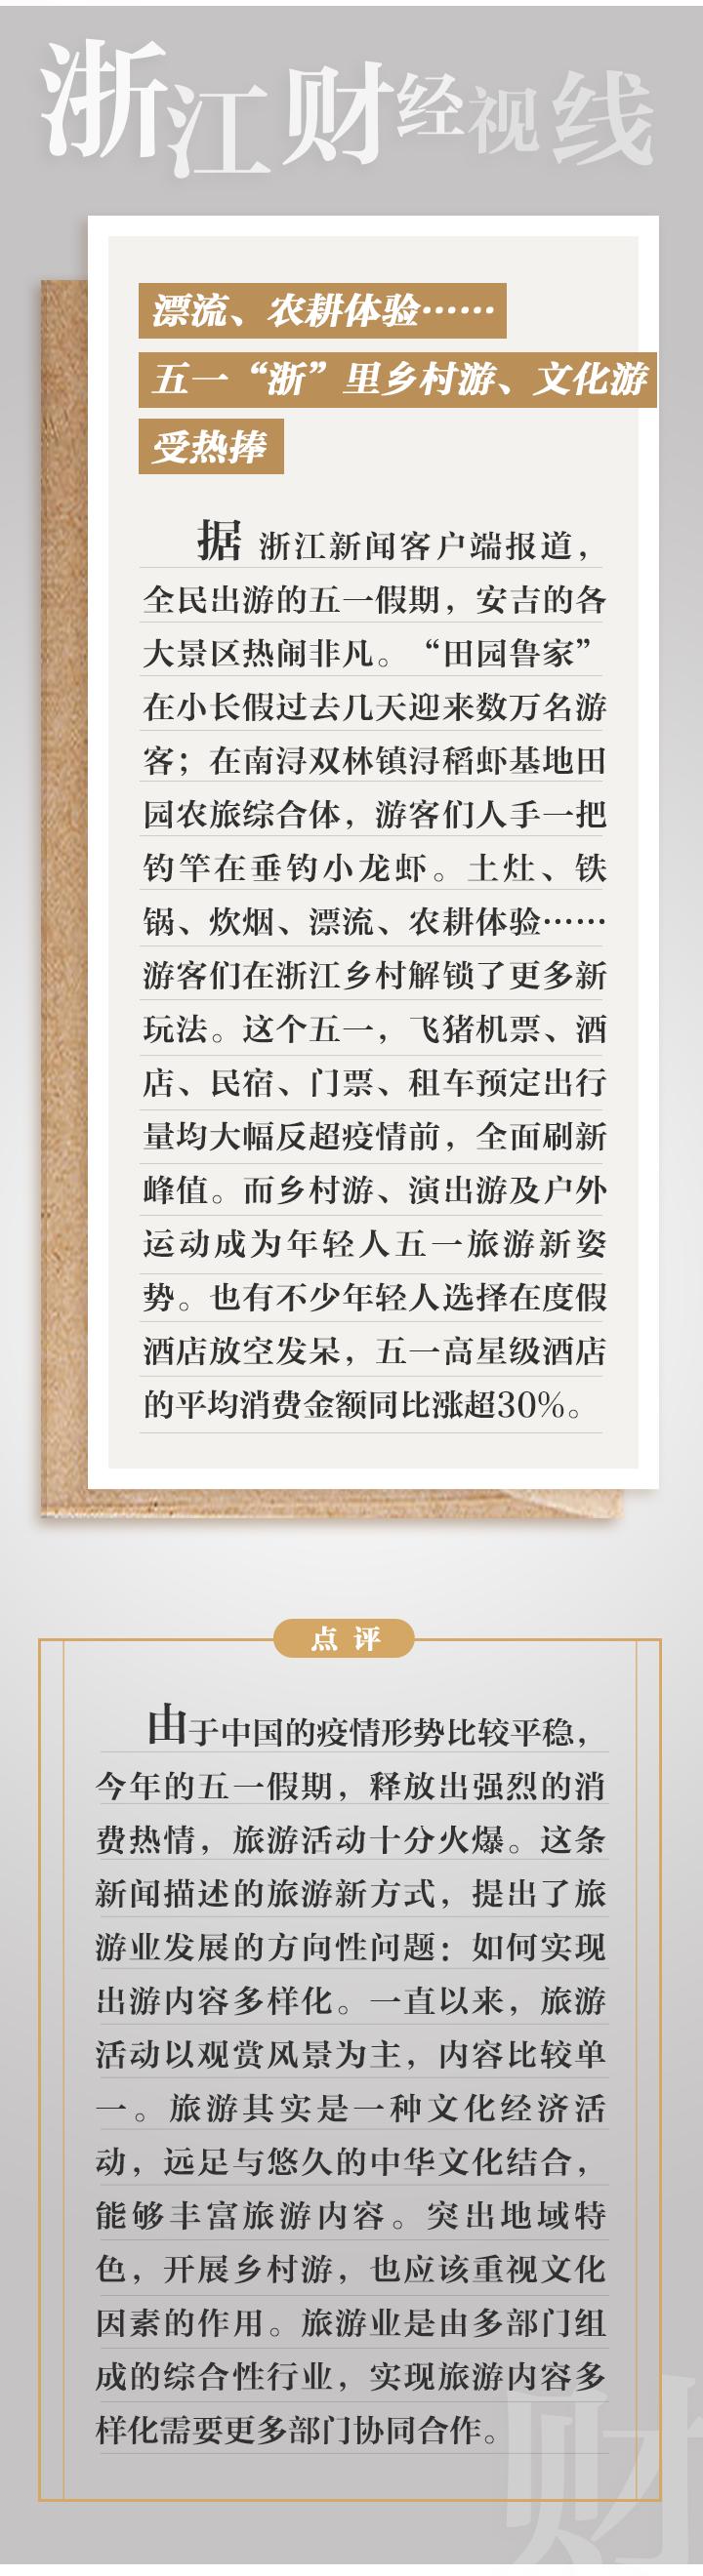 财经视界506_02.png